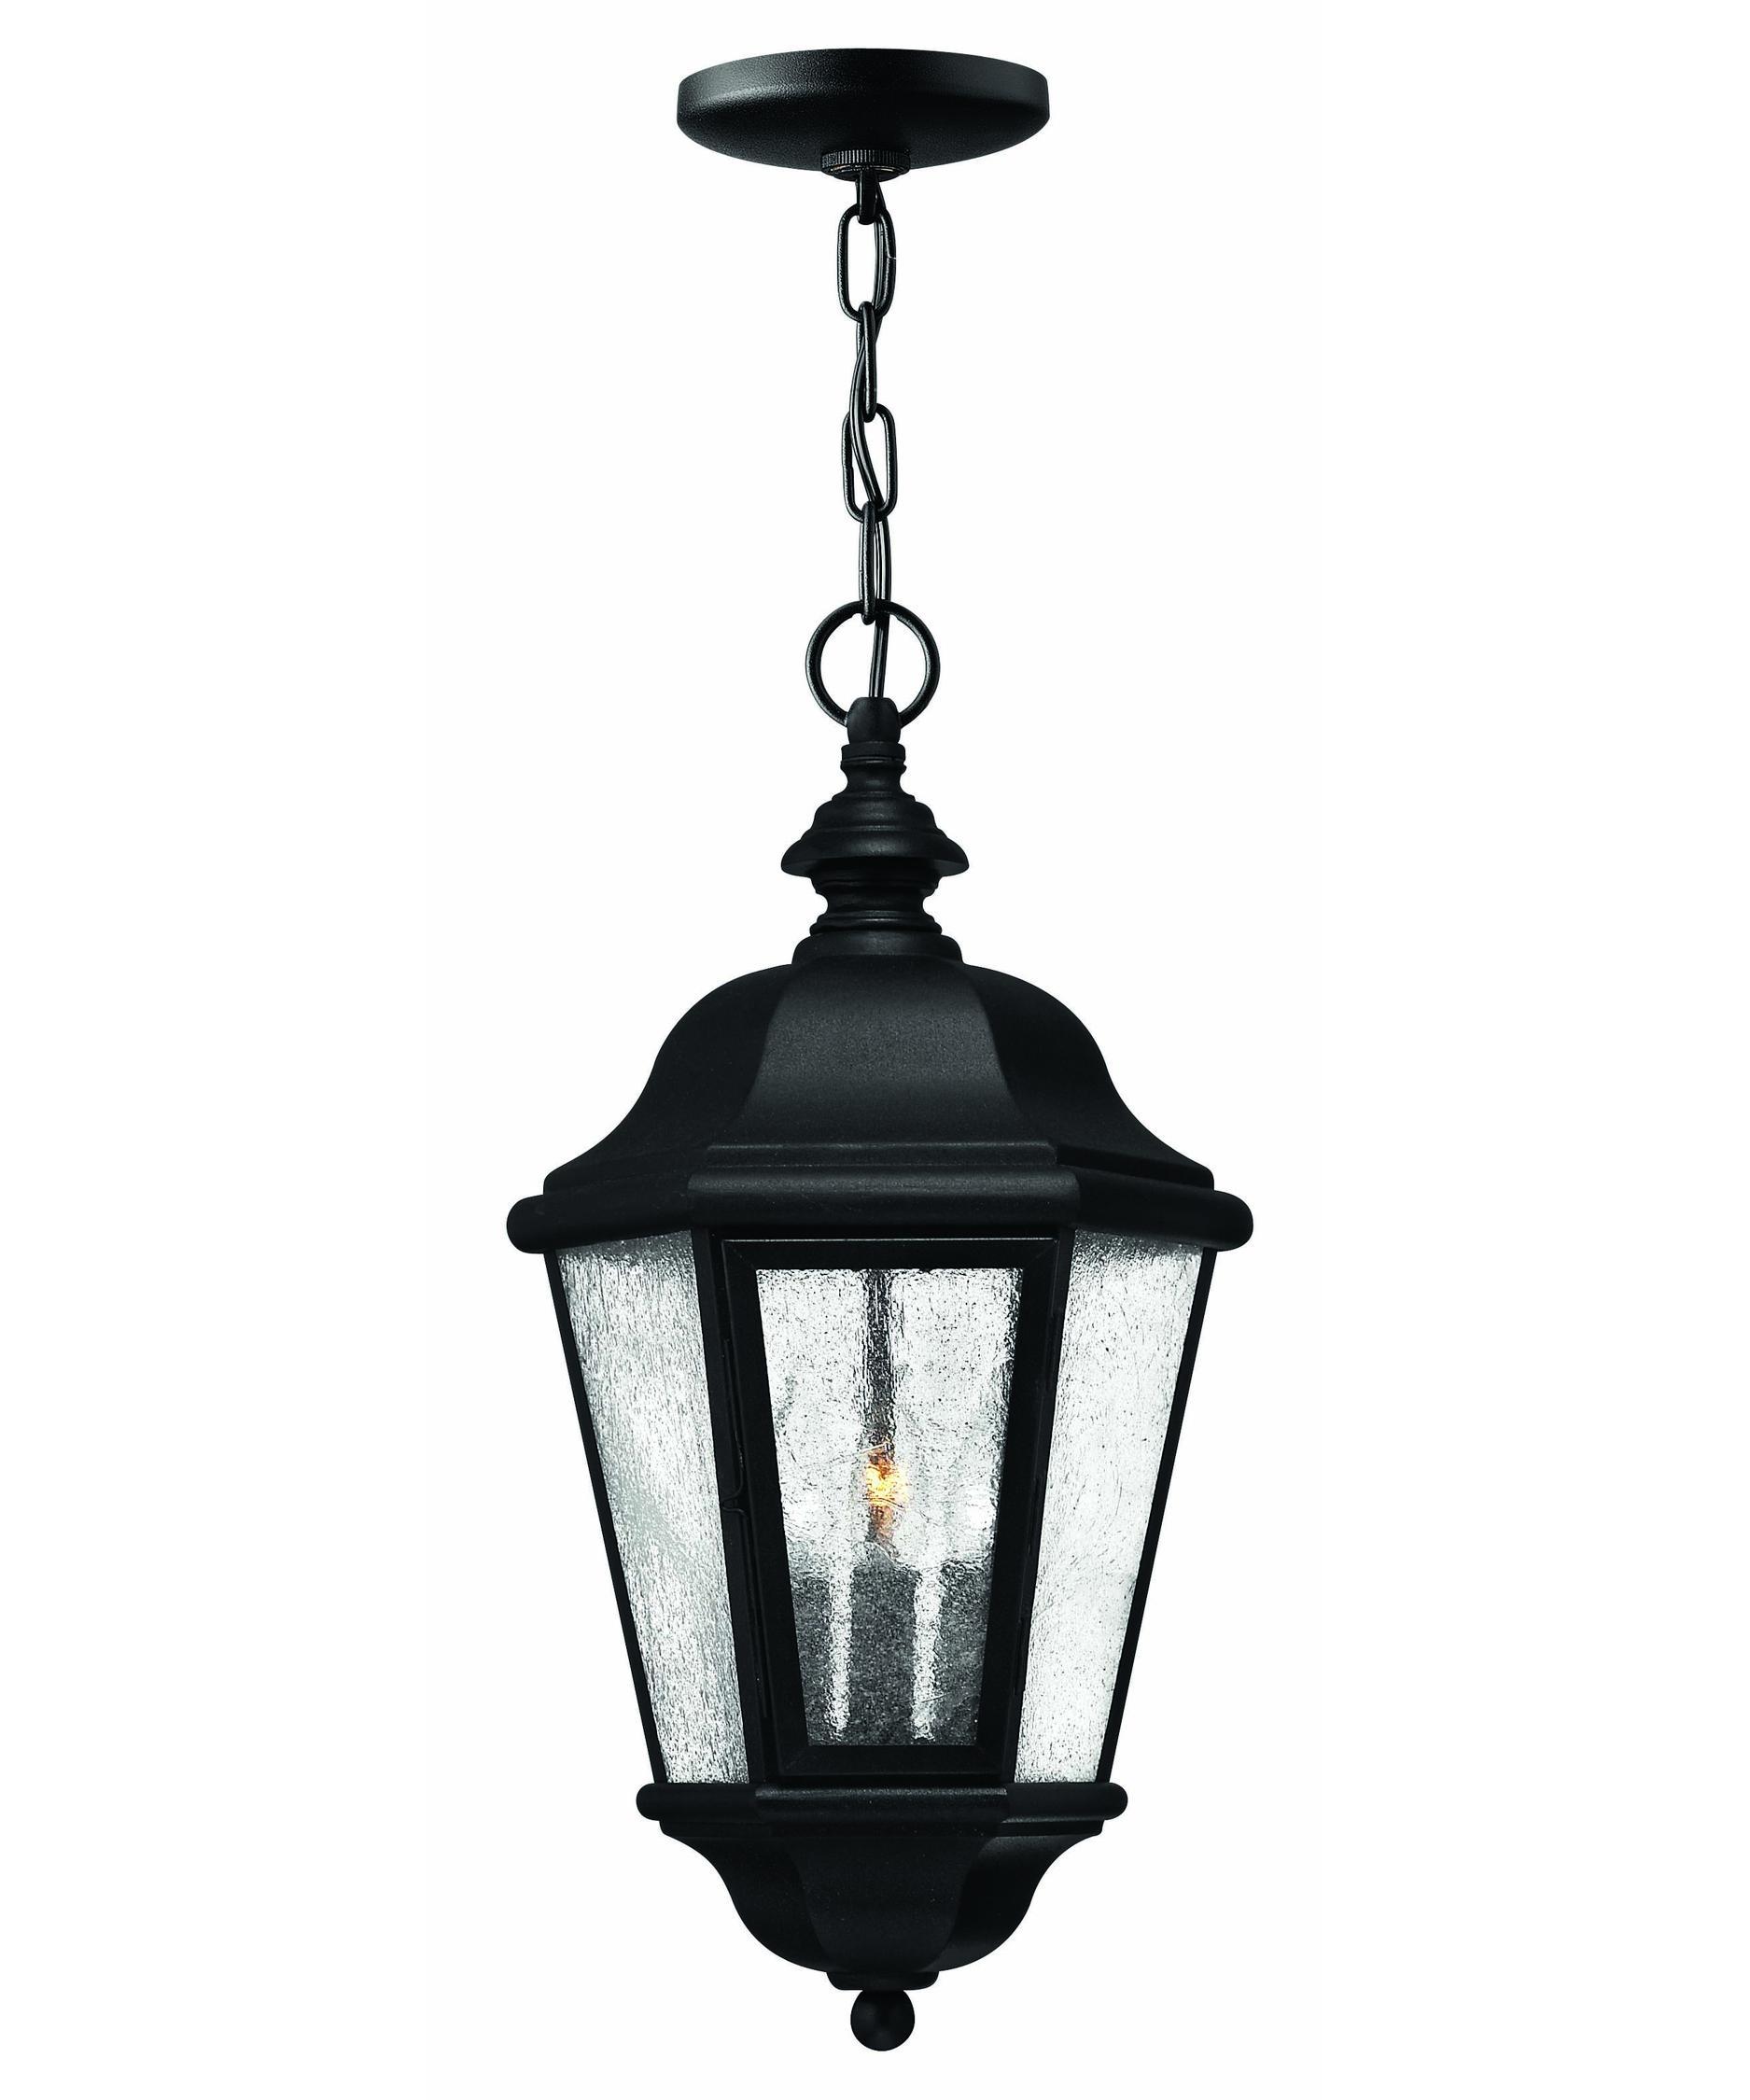 Hinkley Lighting 1672 Edgewater 10 Inch Wide 3 Light Outdoor For Regarding Outdoor Lighting Pendant Fixtures (#10 of 15)